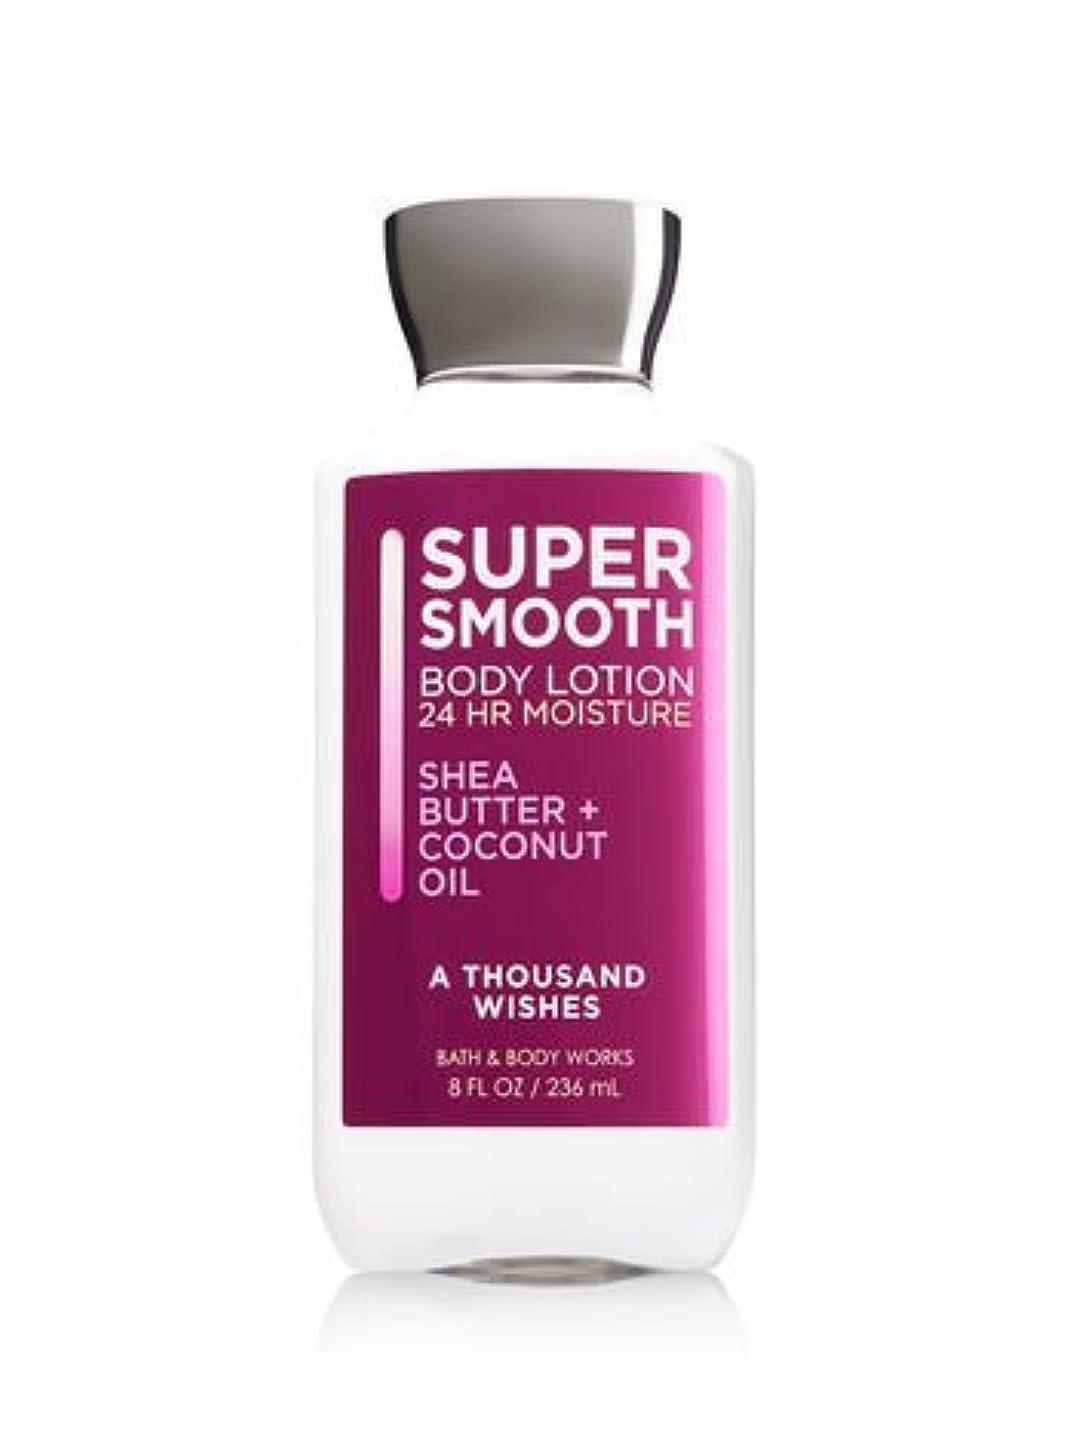 絡まる自然光沢のある【Bath&Body Works/バス&ボディワークス】 ボディローション アサウザンドウィッシュ Super Smooth Body Lotion A Thousand Wishes 8 fl oz / 236 mL...